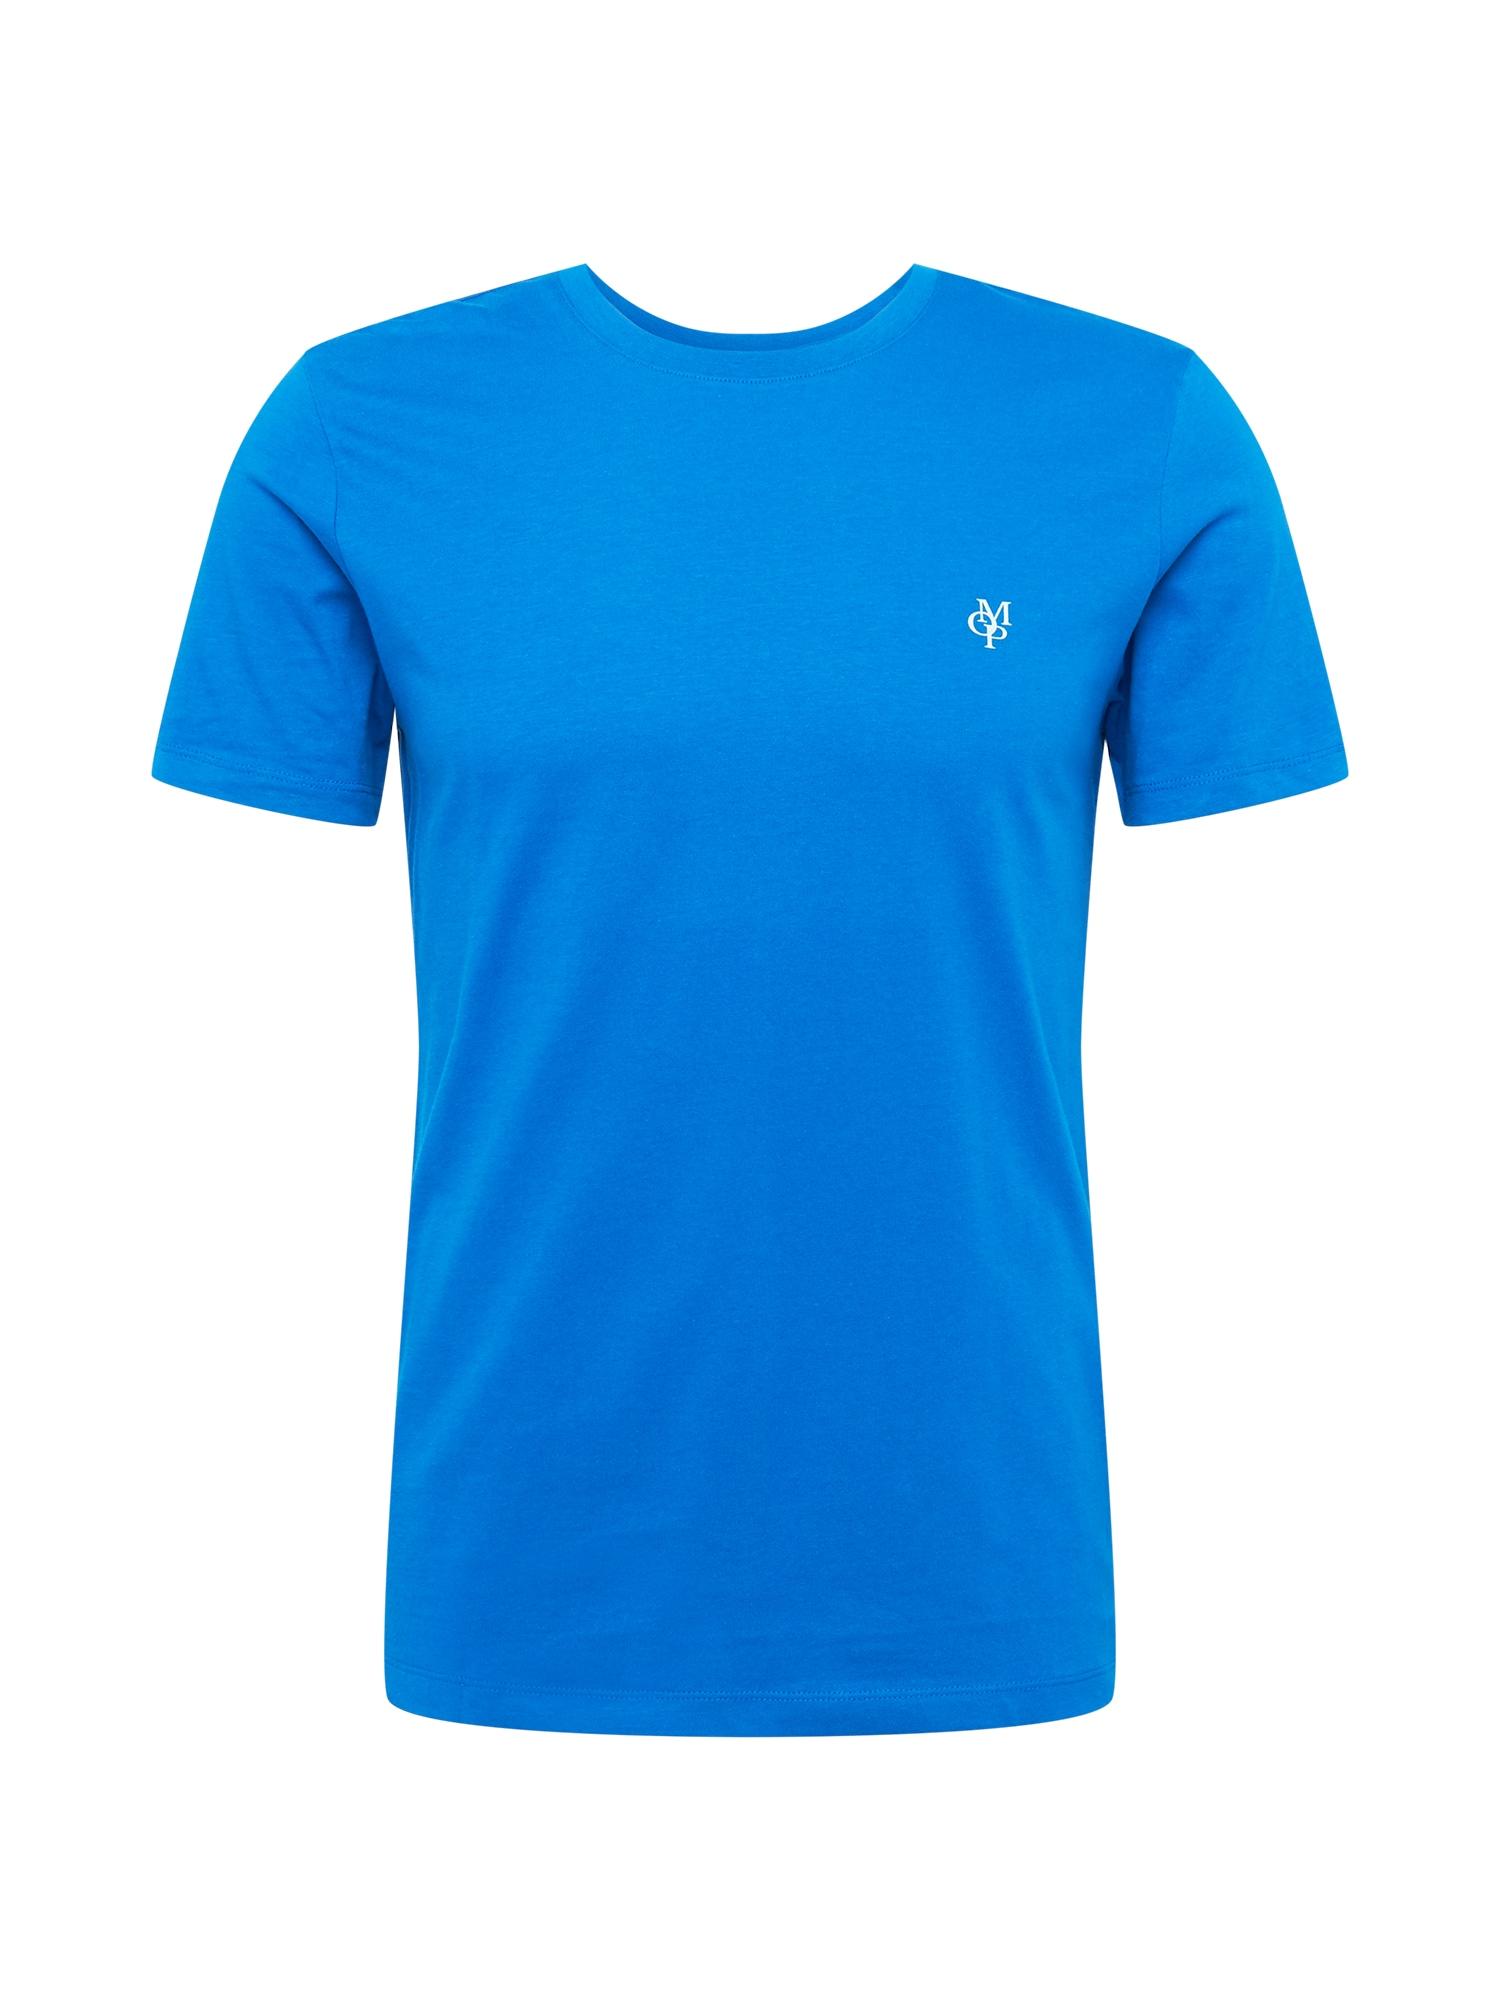 Marc O'Polo Tričko  aqua modrá / bílá